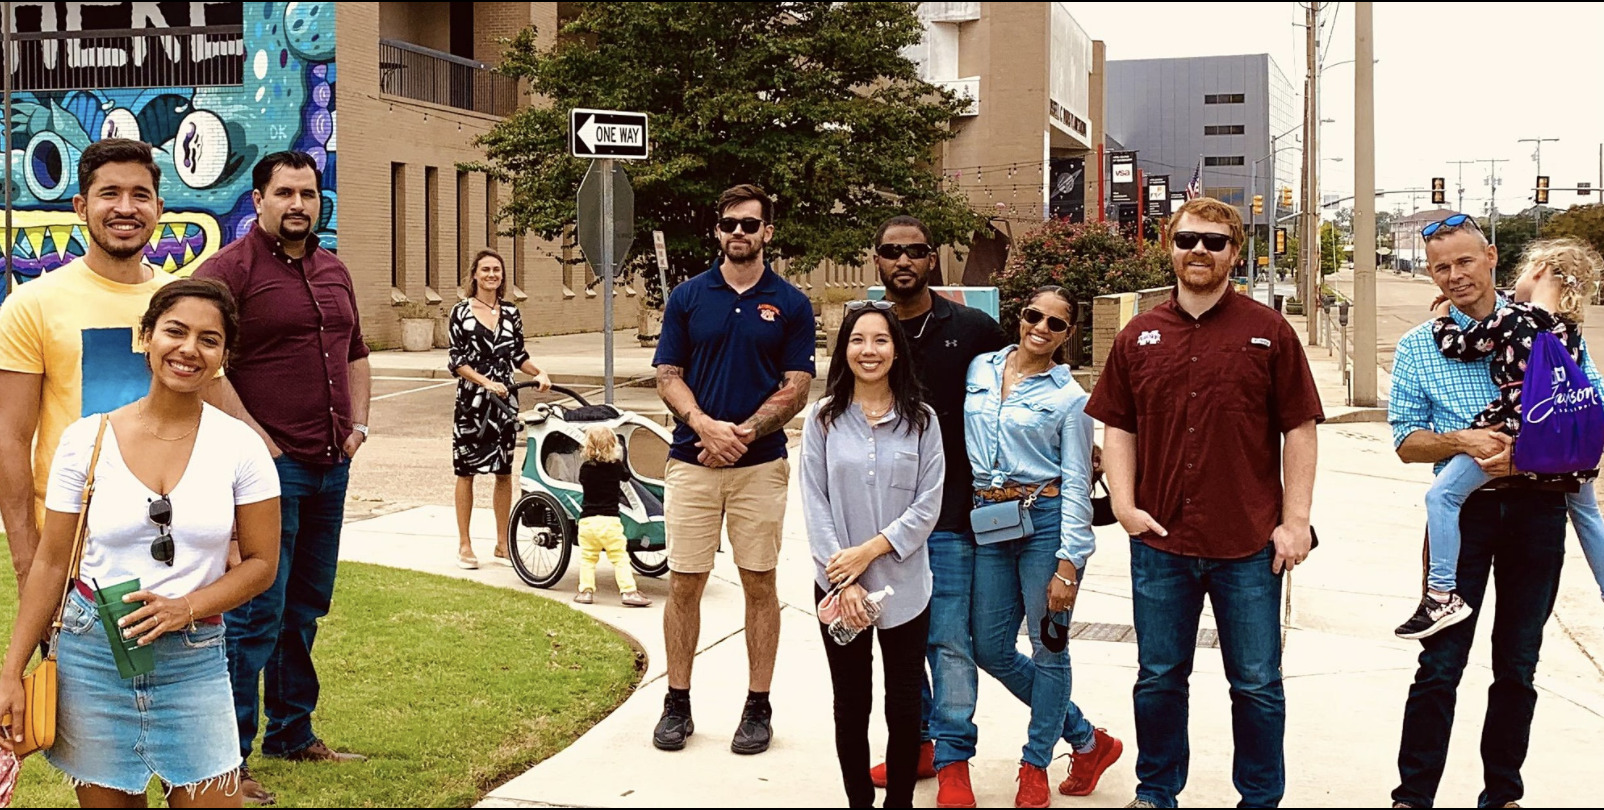 Good Friday Downtown Jackson Walking Tour w/ More Than a Tourist